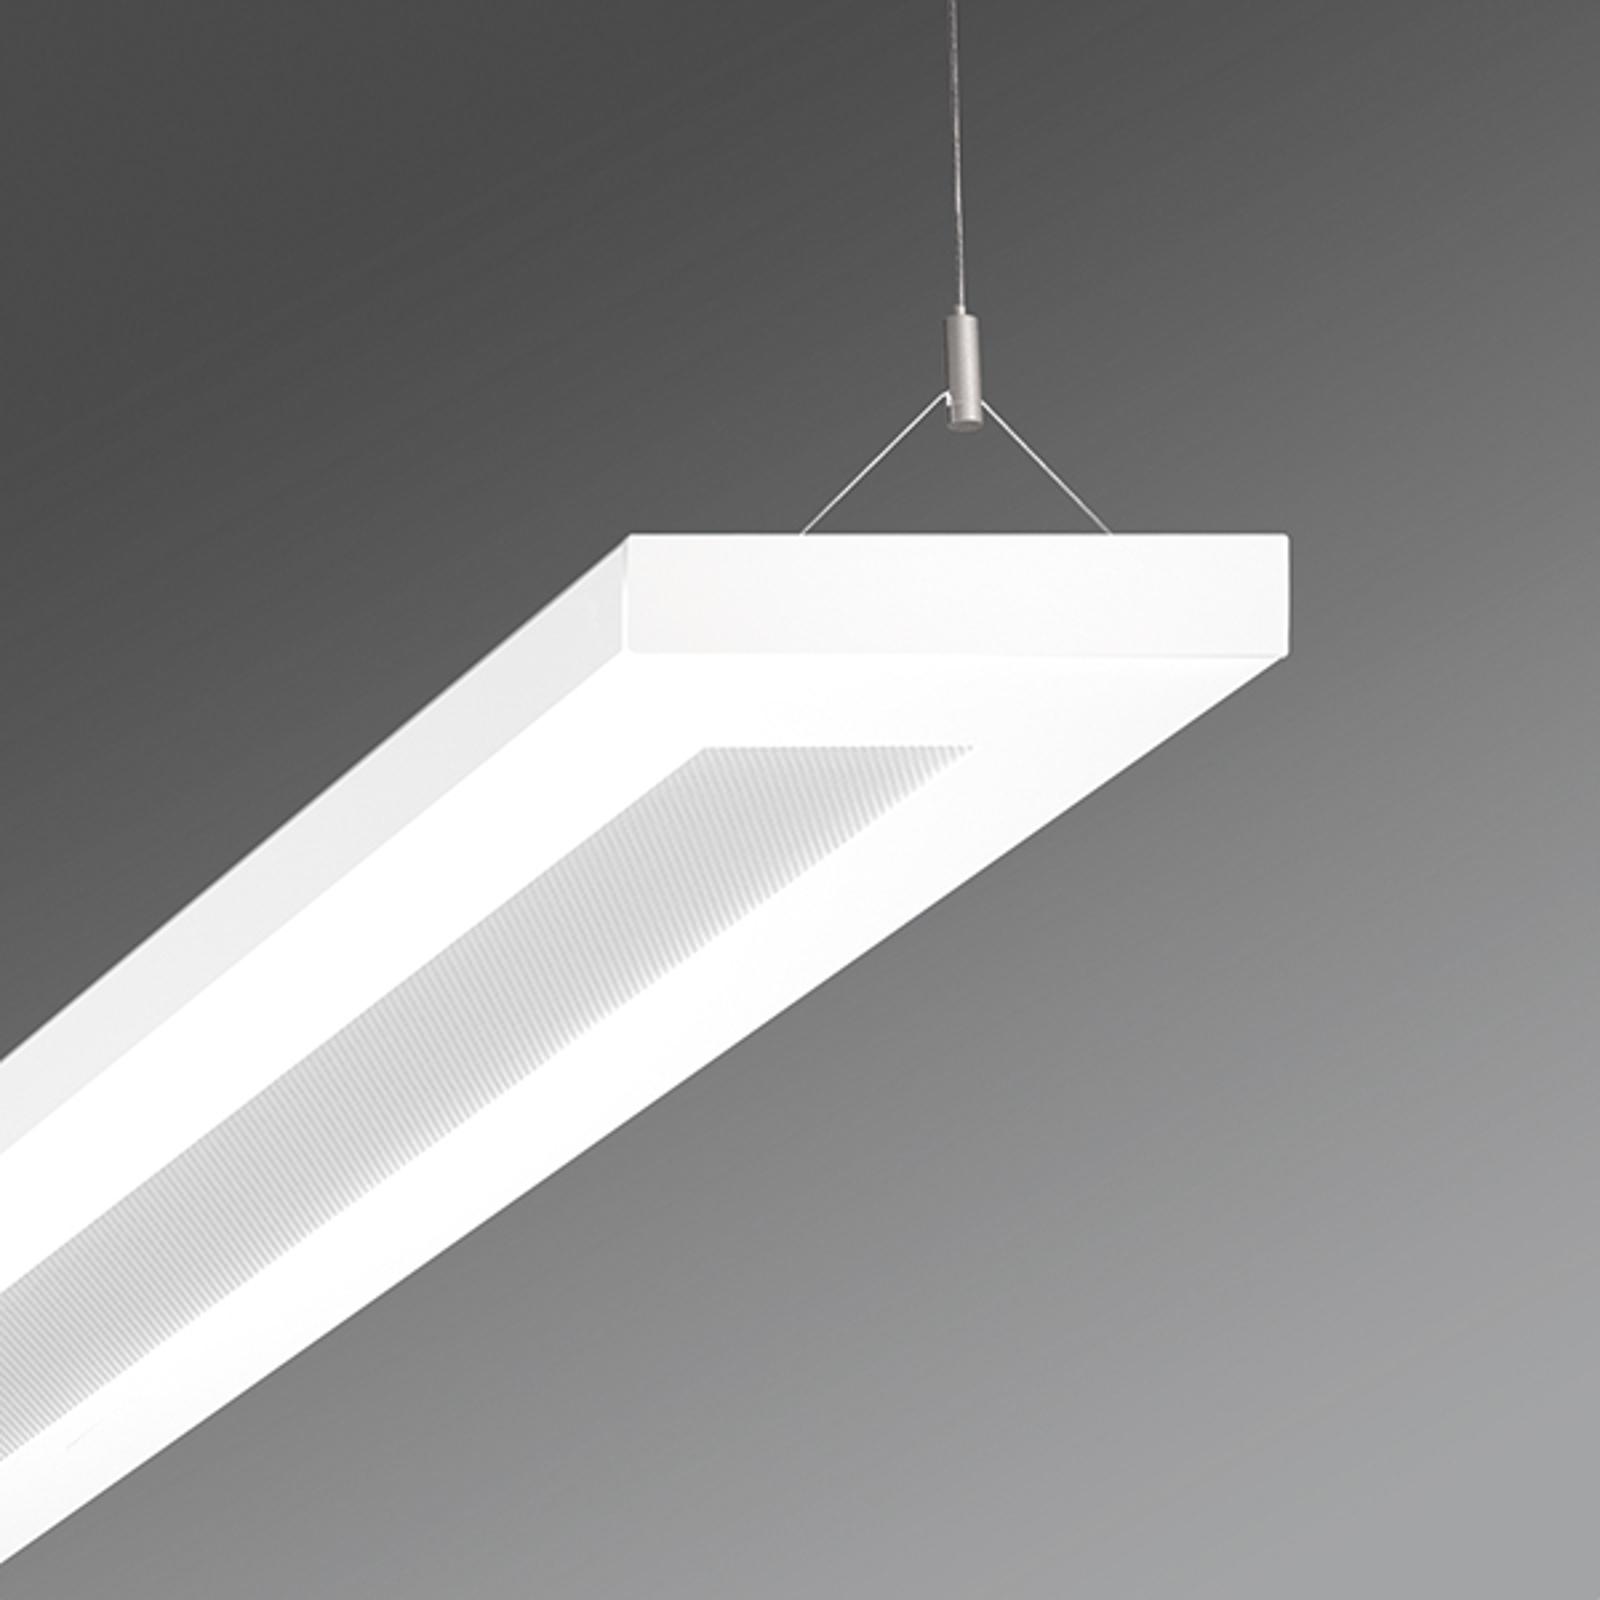 Pendellampe til kontor Stail mikroprisma 52W hvit